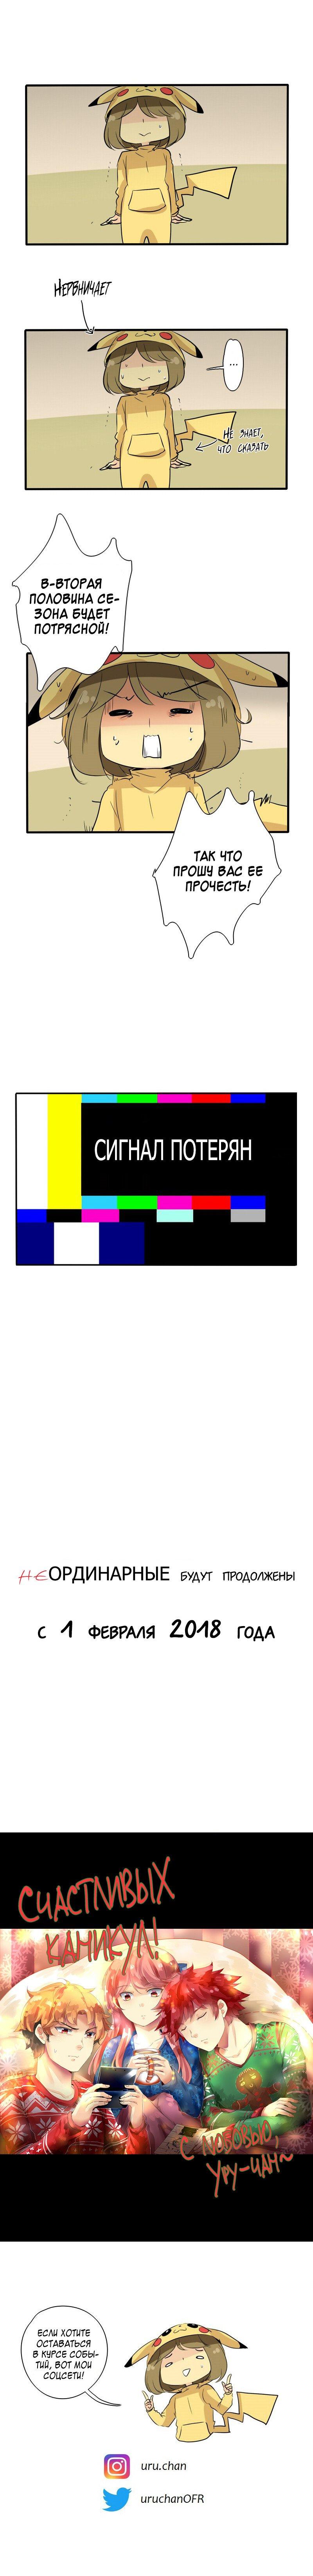 Манга неОРДИНАРНЫЕ / unORDINARY  - Том 1 Страница 4